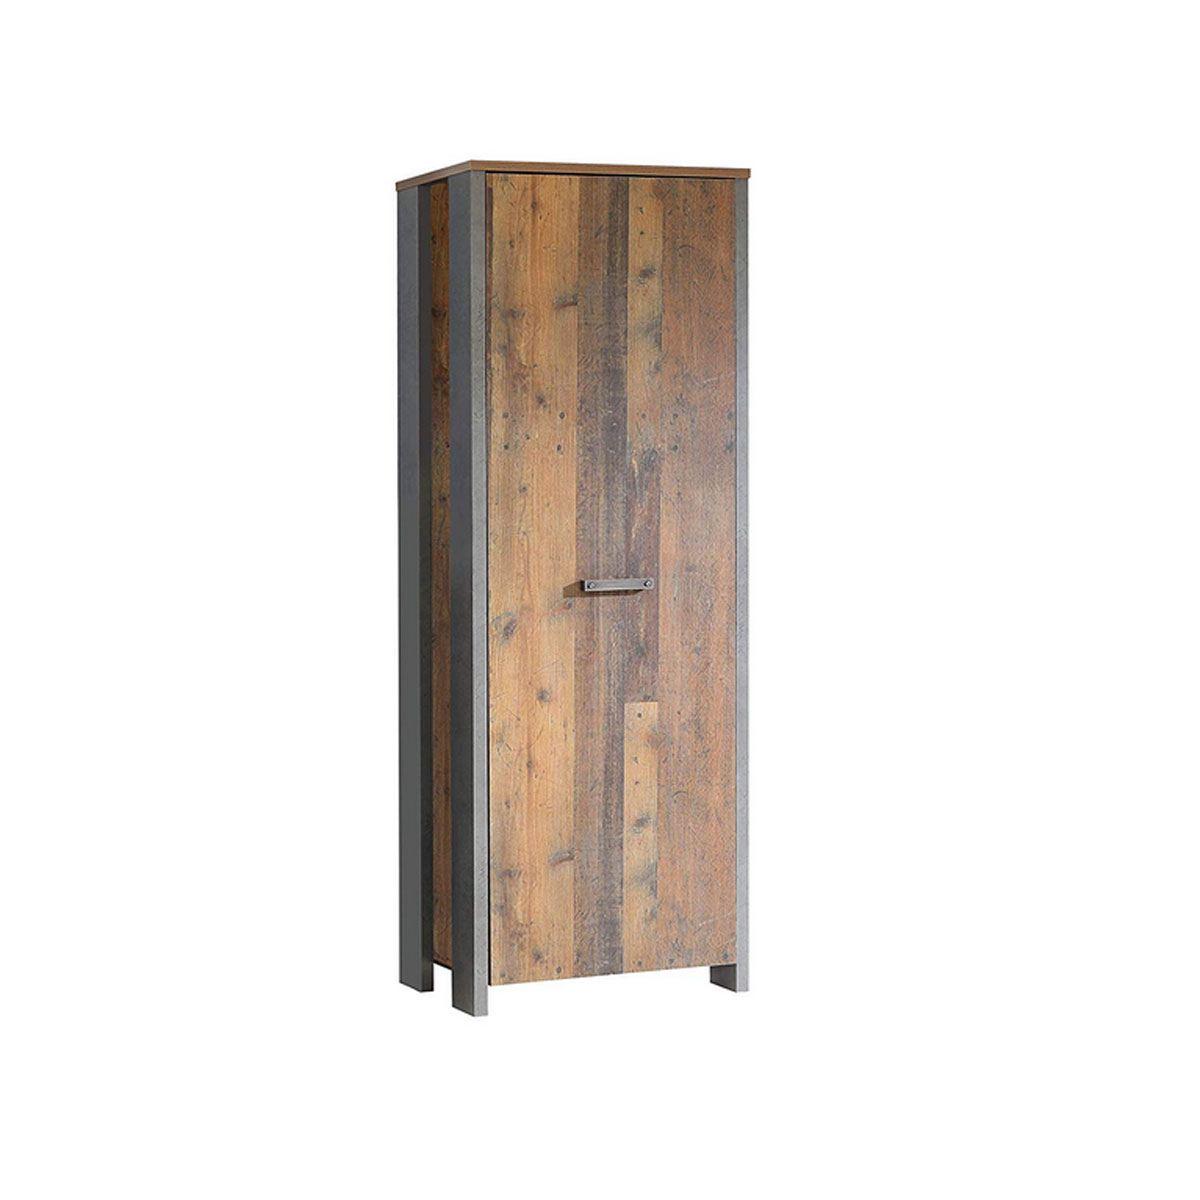 Garderobenschrank Newcastle In Old Wood Vintage Nachbildung